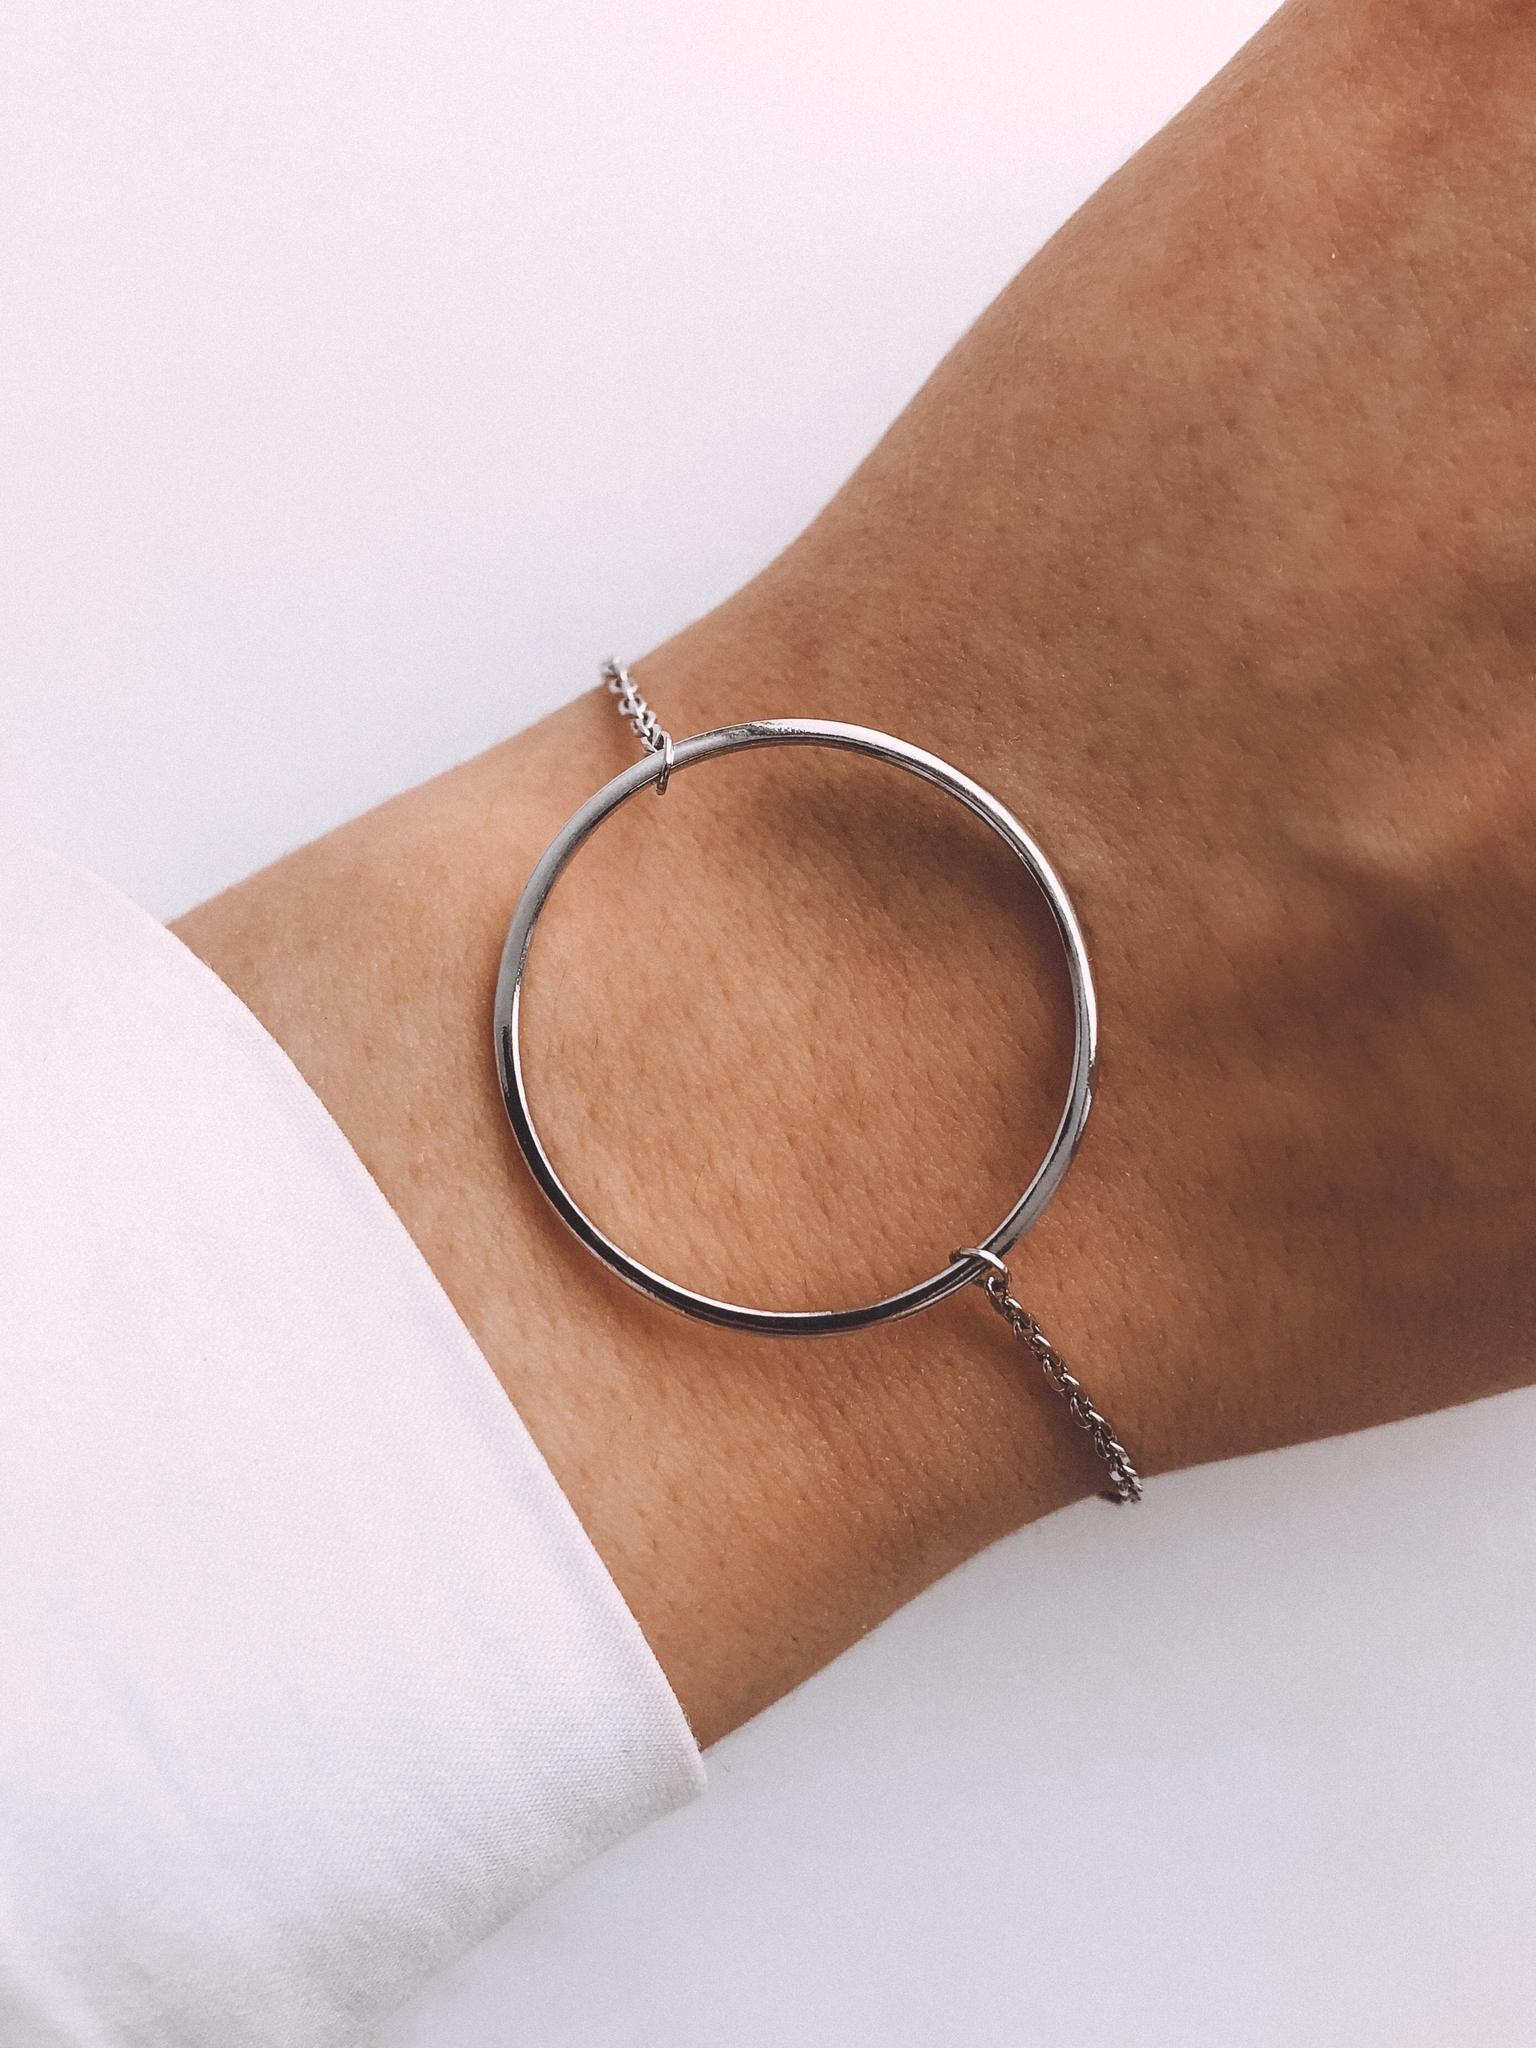 Серебряный браслет на цепочке с кольцом 30 мм